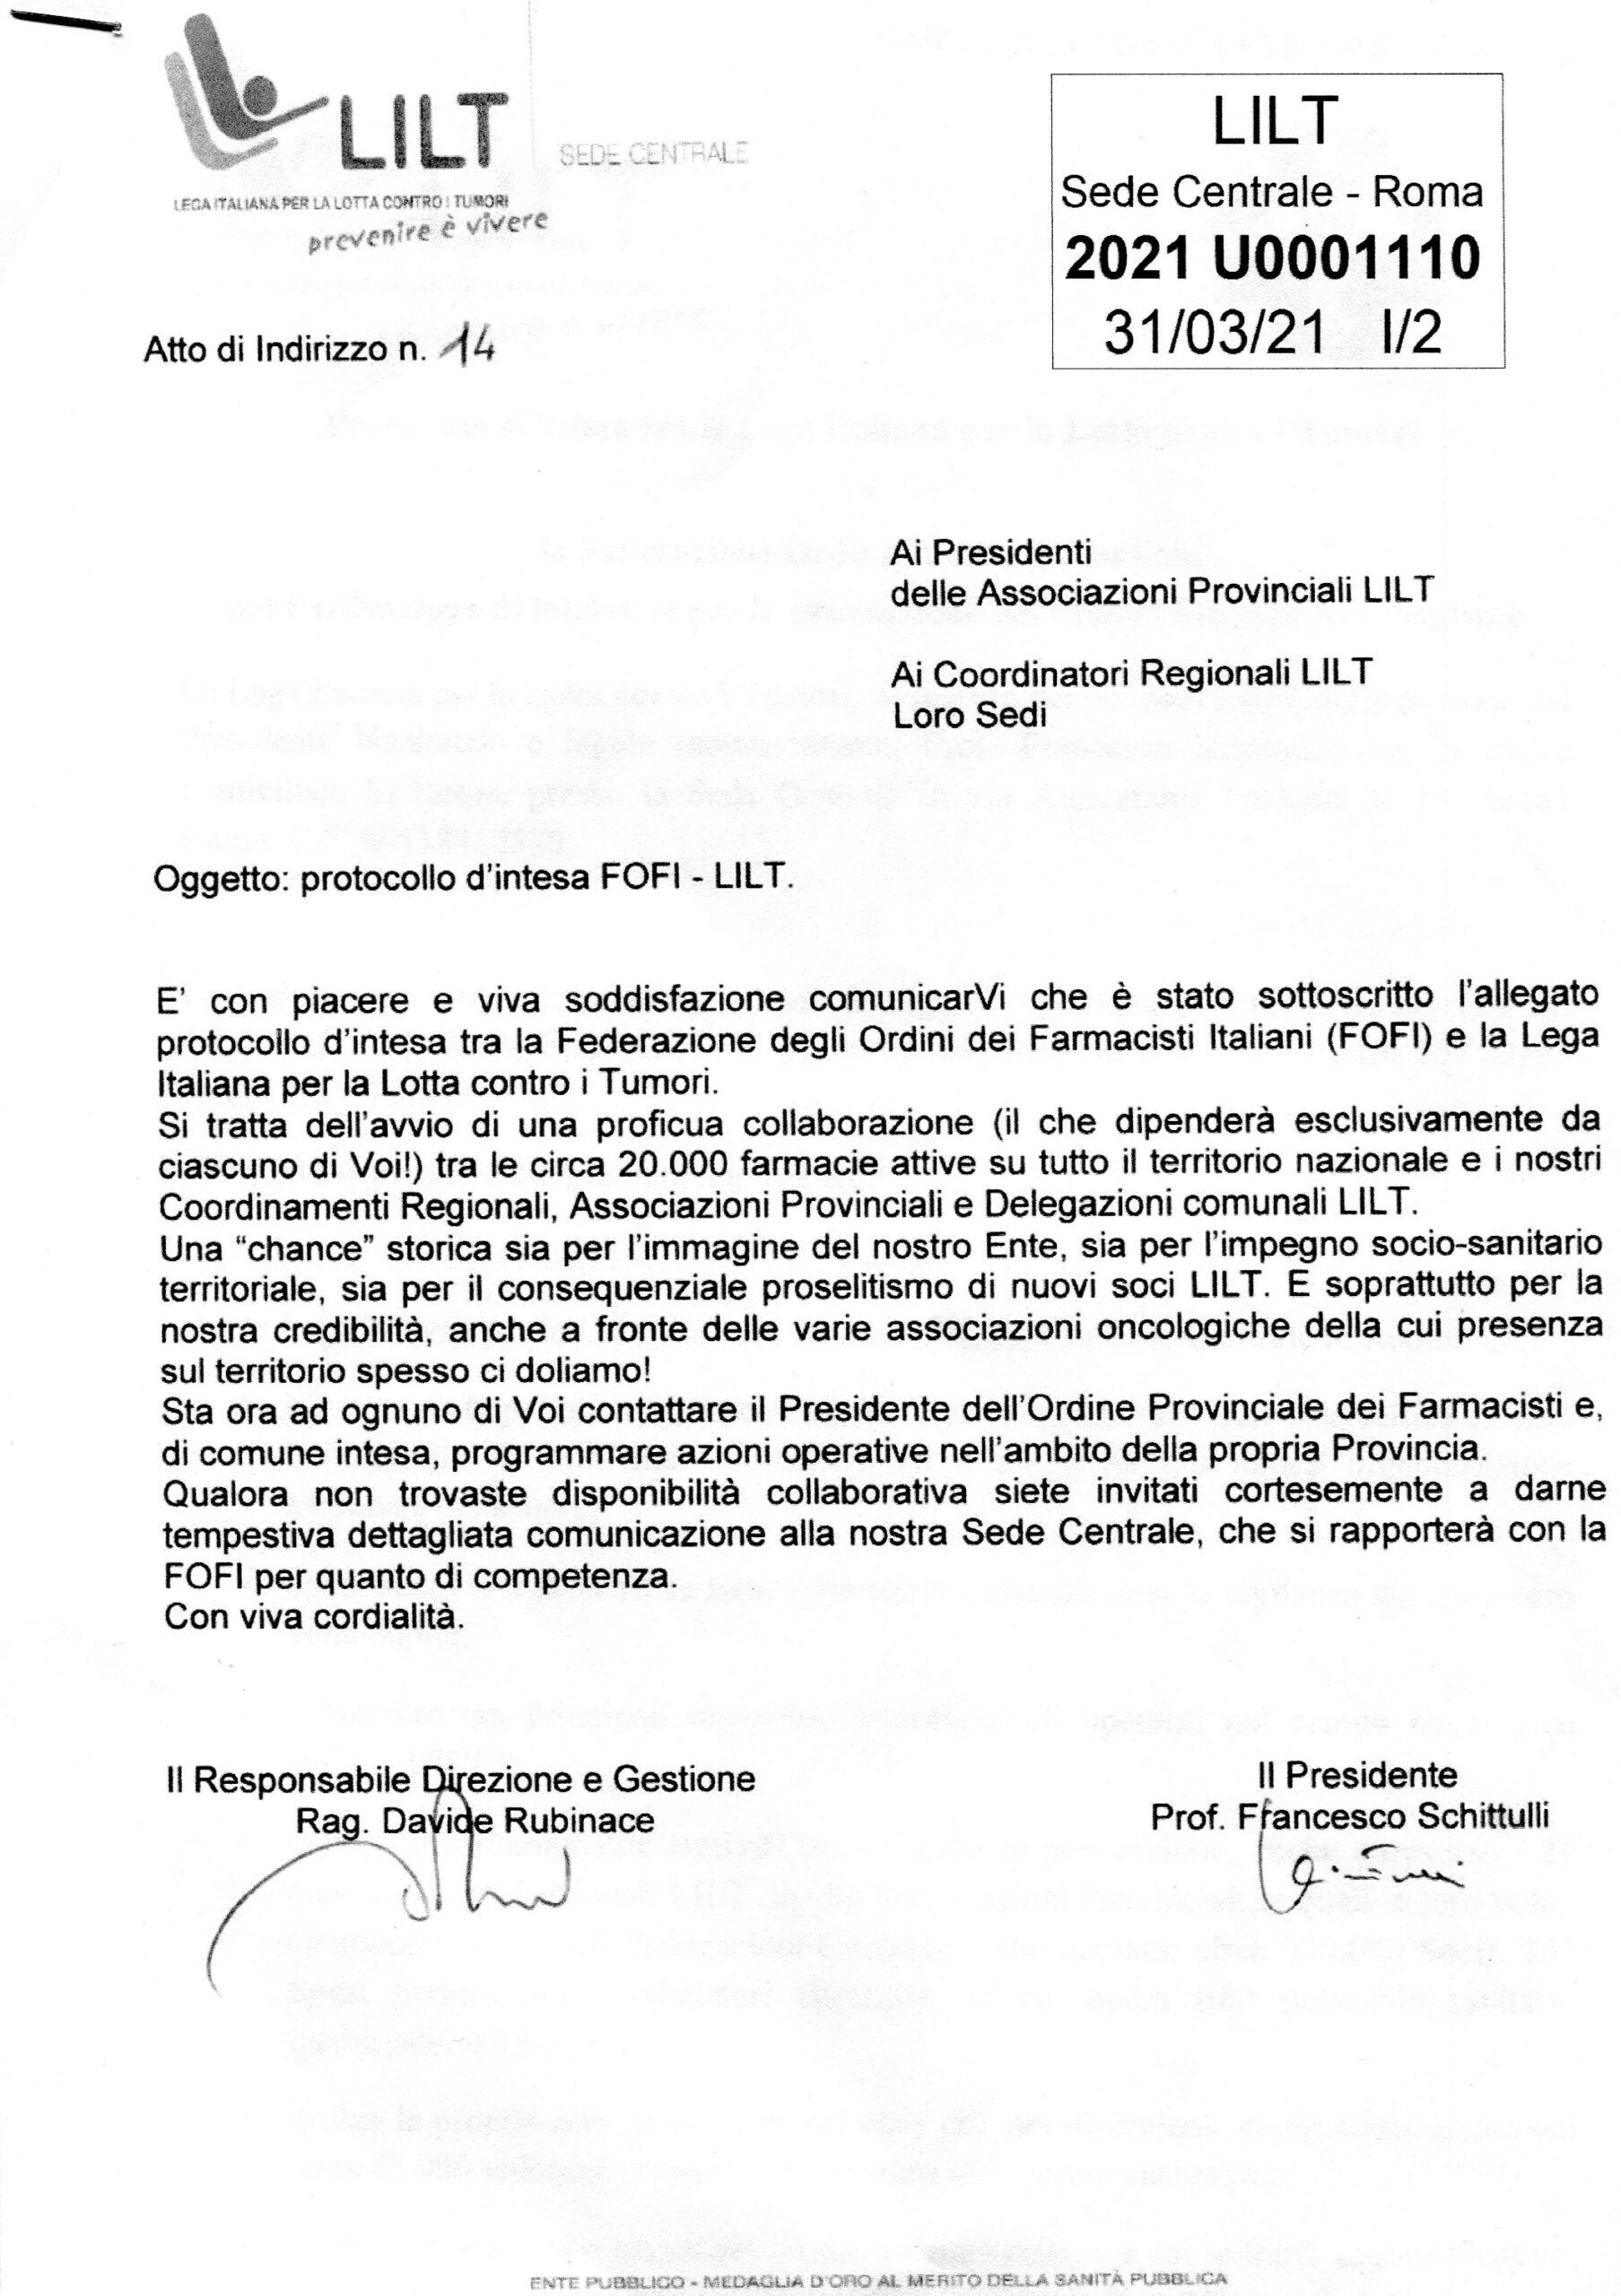 Convenzione tra la LILT  e la FOFI (Federazione Ordini Farmacisti Italiani)